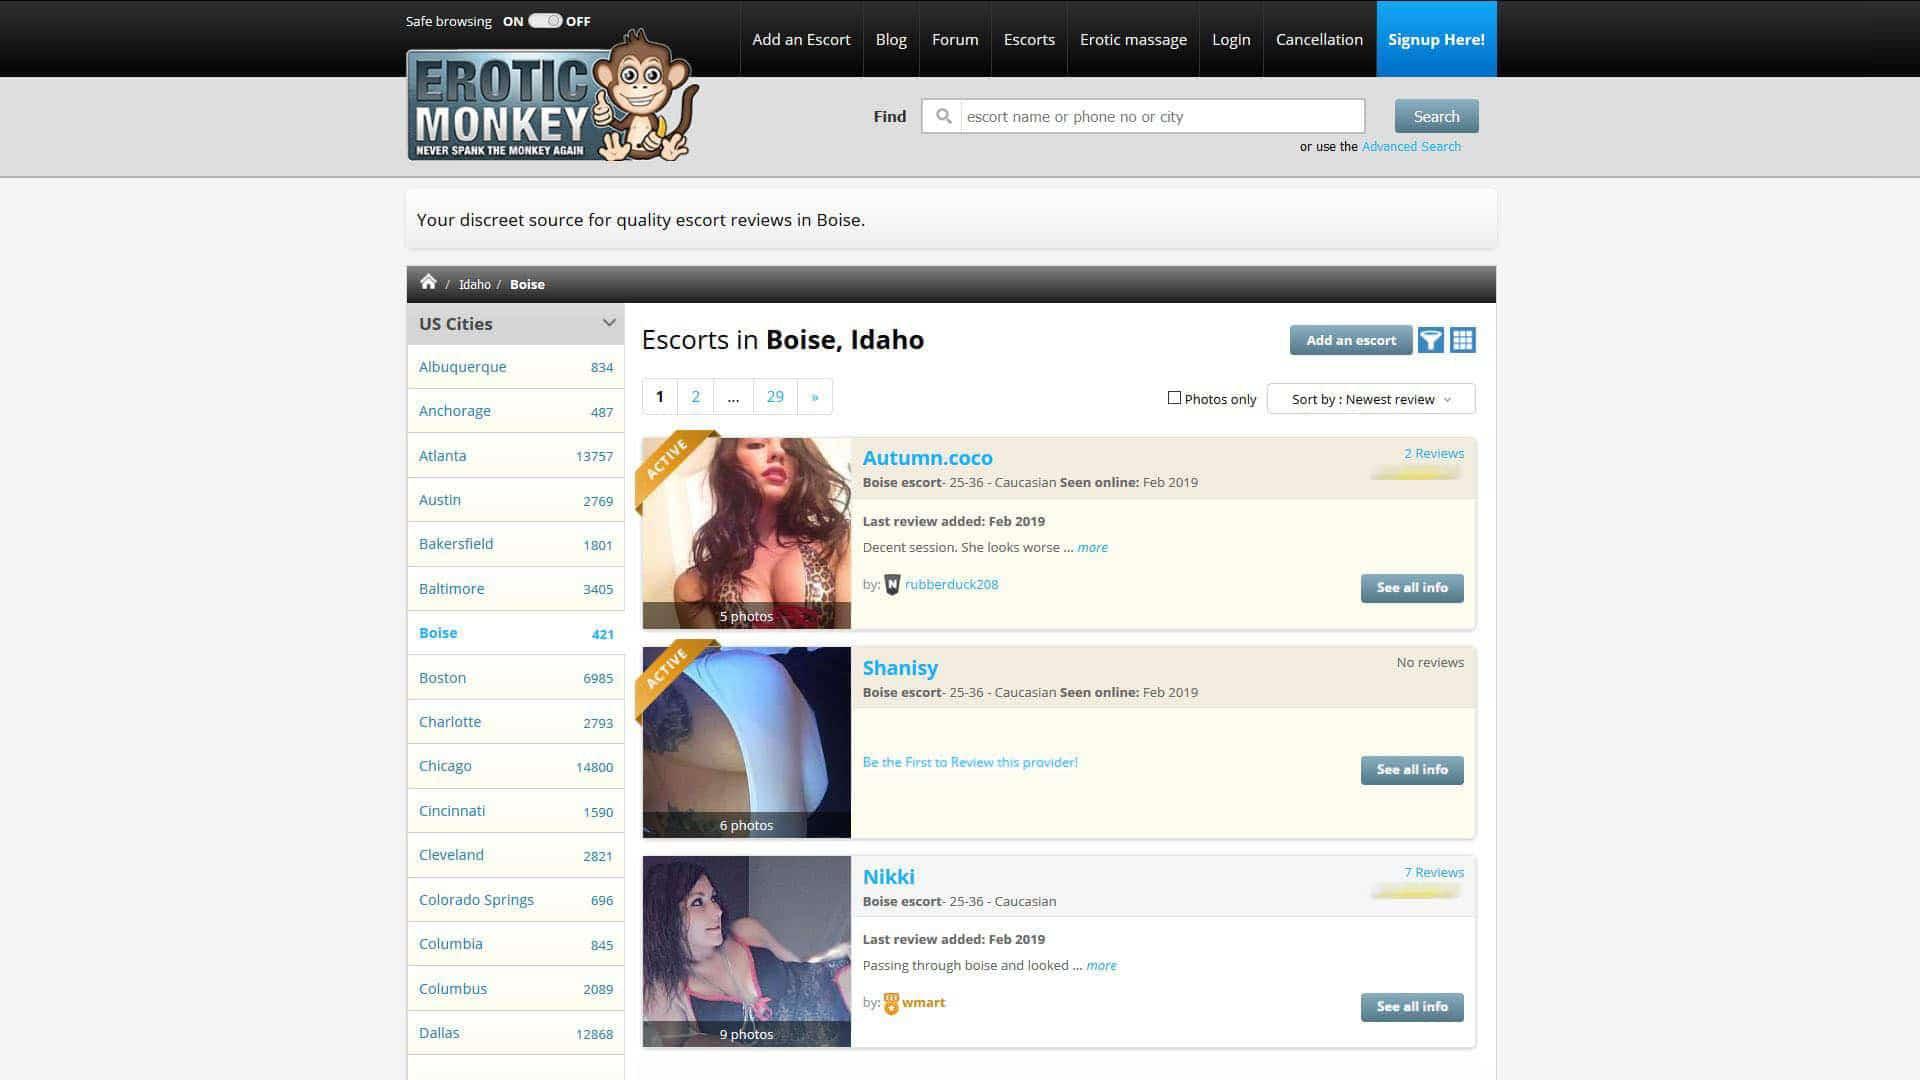 Erotic Monkey Boise